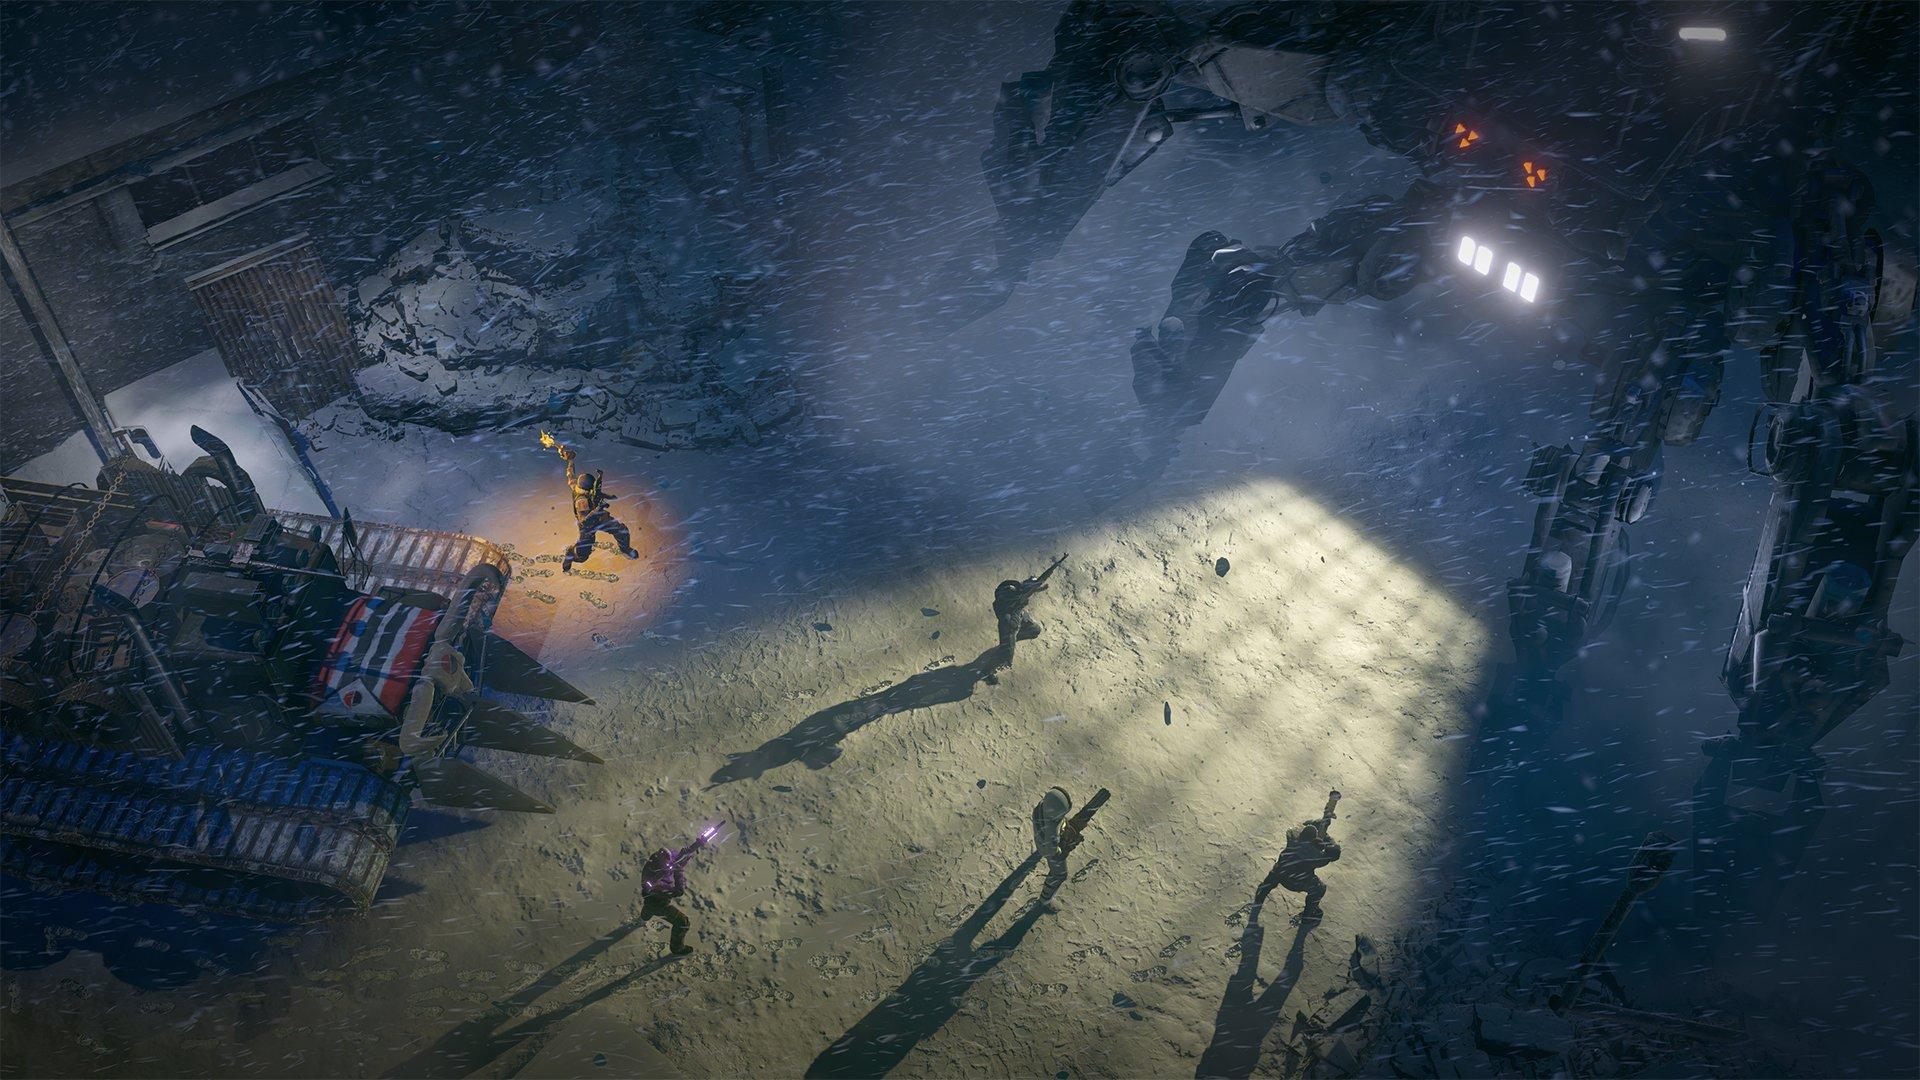 Best Games 2020 - Wasteland 3